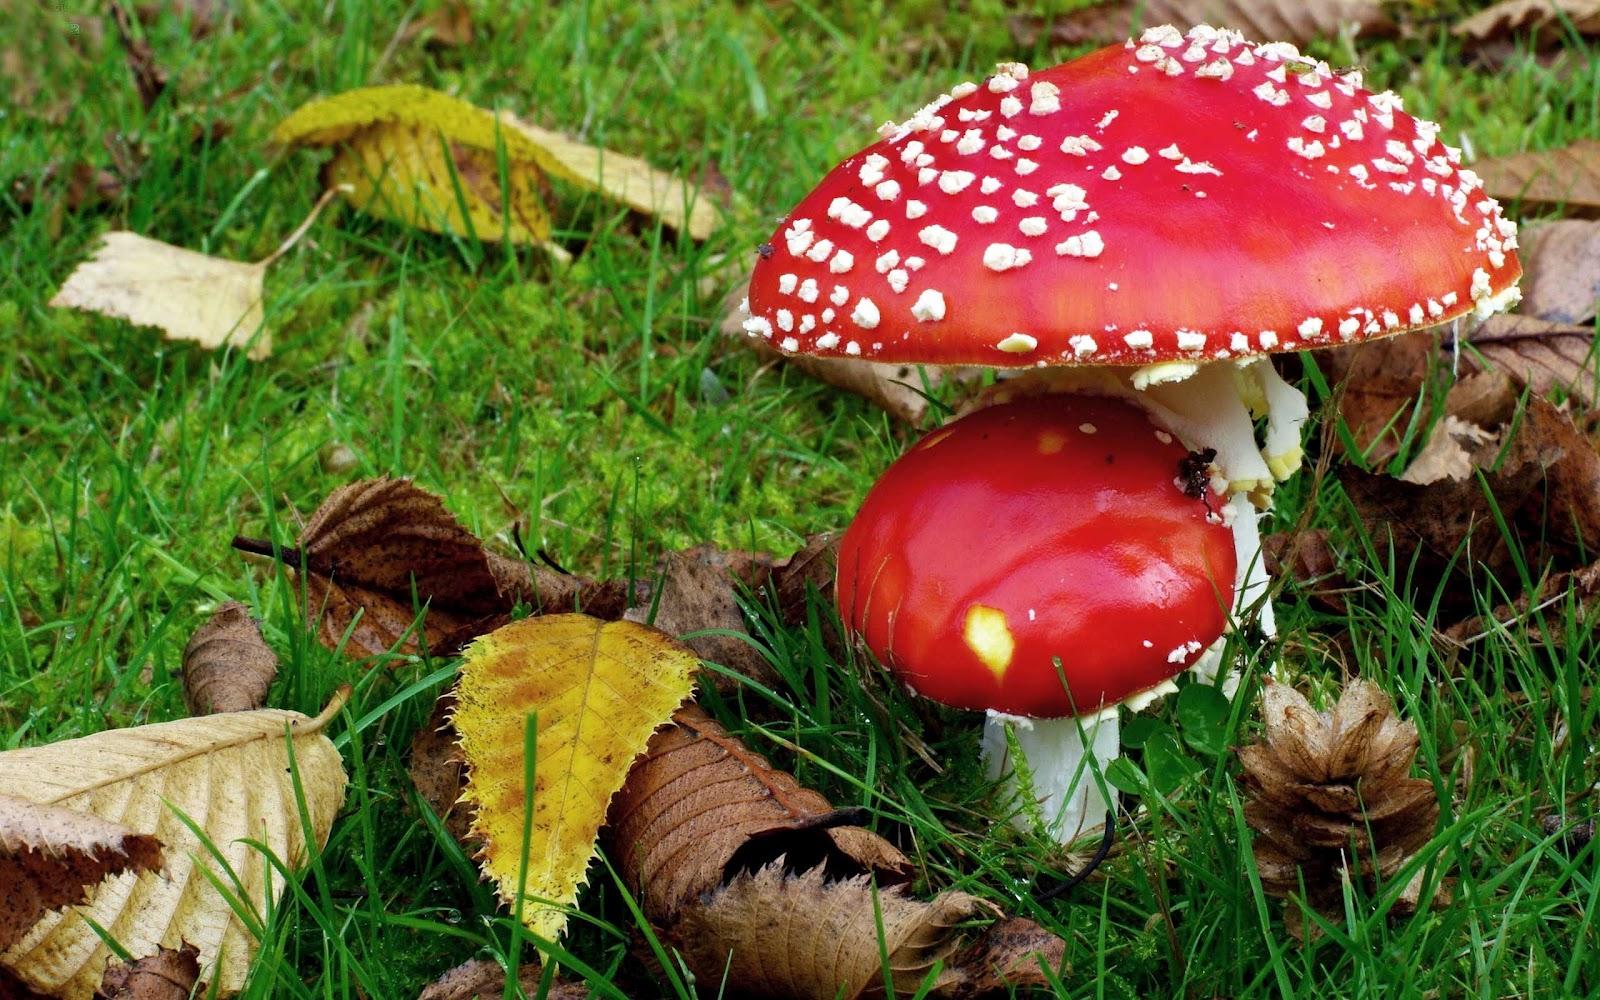 http://2.bp.blogspot.com/-WobnJ29Q4js/UGQ38LuyNLI/AAAAAAAAEX8/1fKEvU7S_SE/s1600/hd-herfst-achtergrond-met-paddenstoelen-en-herfstbladeren-hd-herfst-wallpaper-foto.jpg